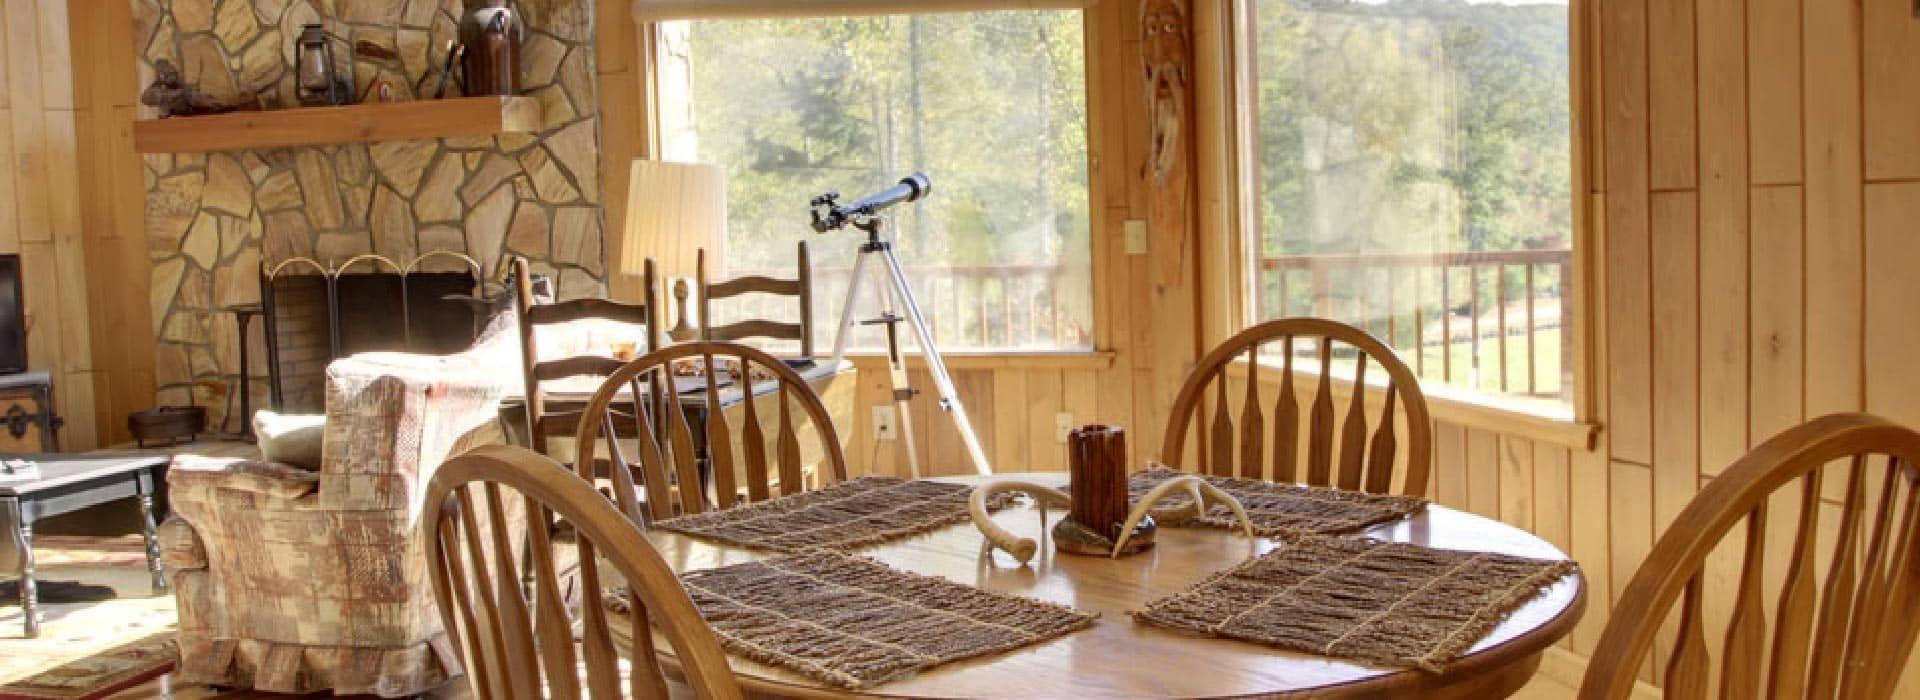 Affordable Cabin Rentals Blue Ridge GA Cheap Blue Ridge